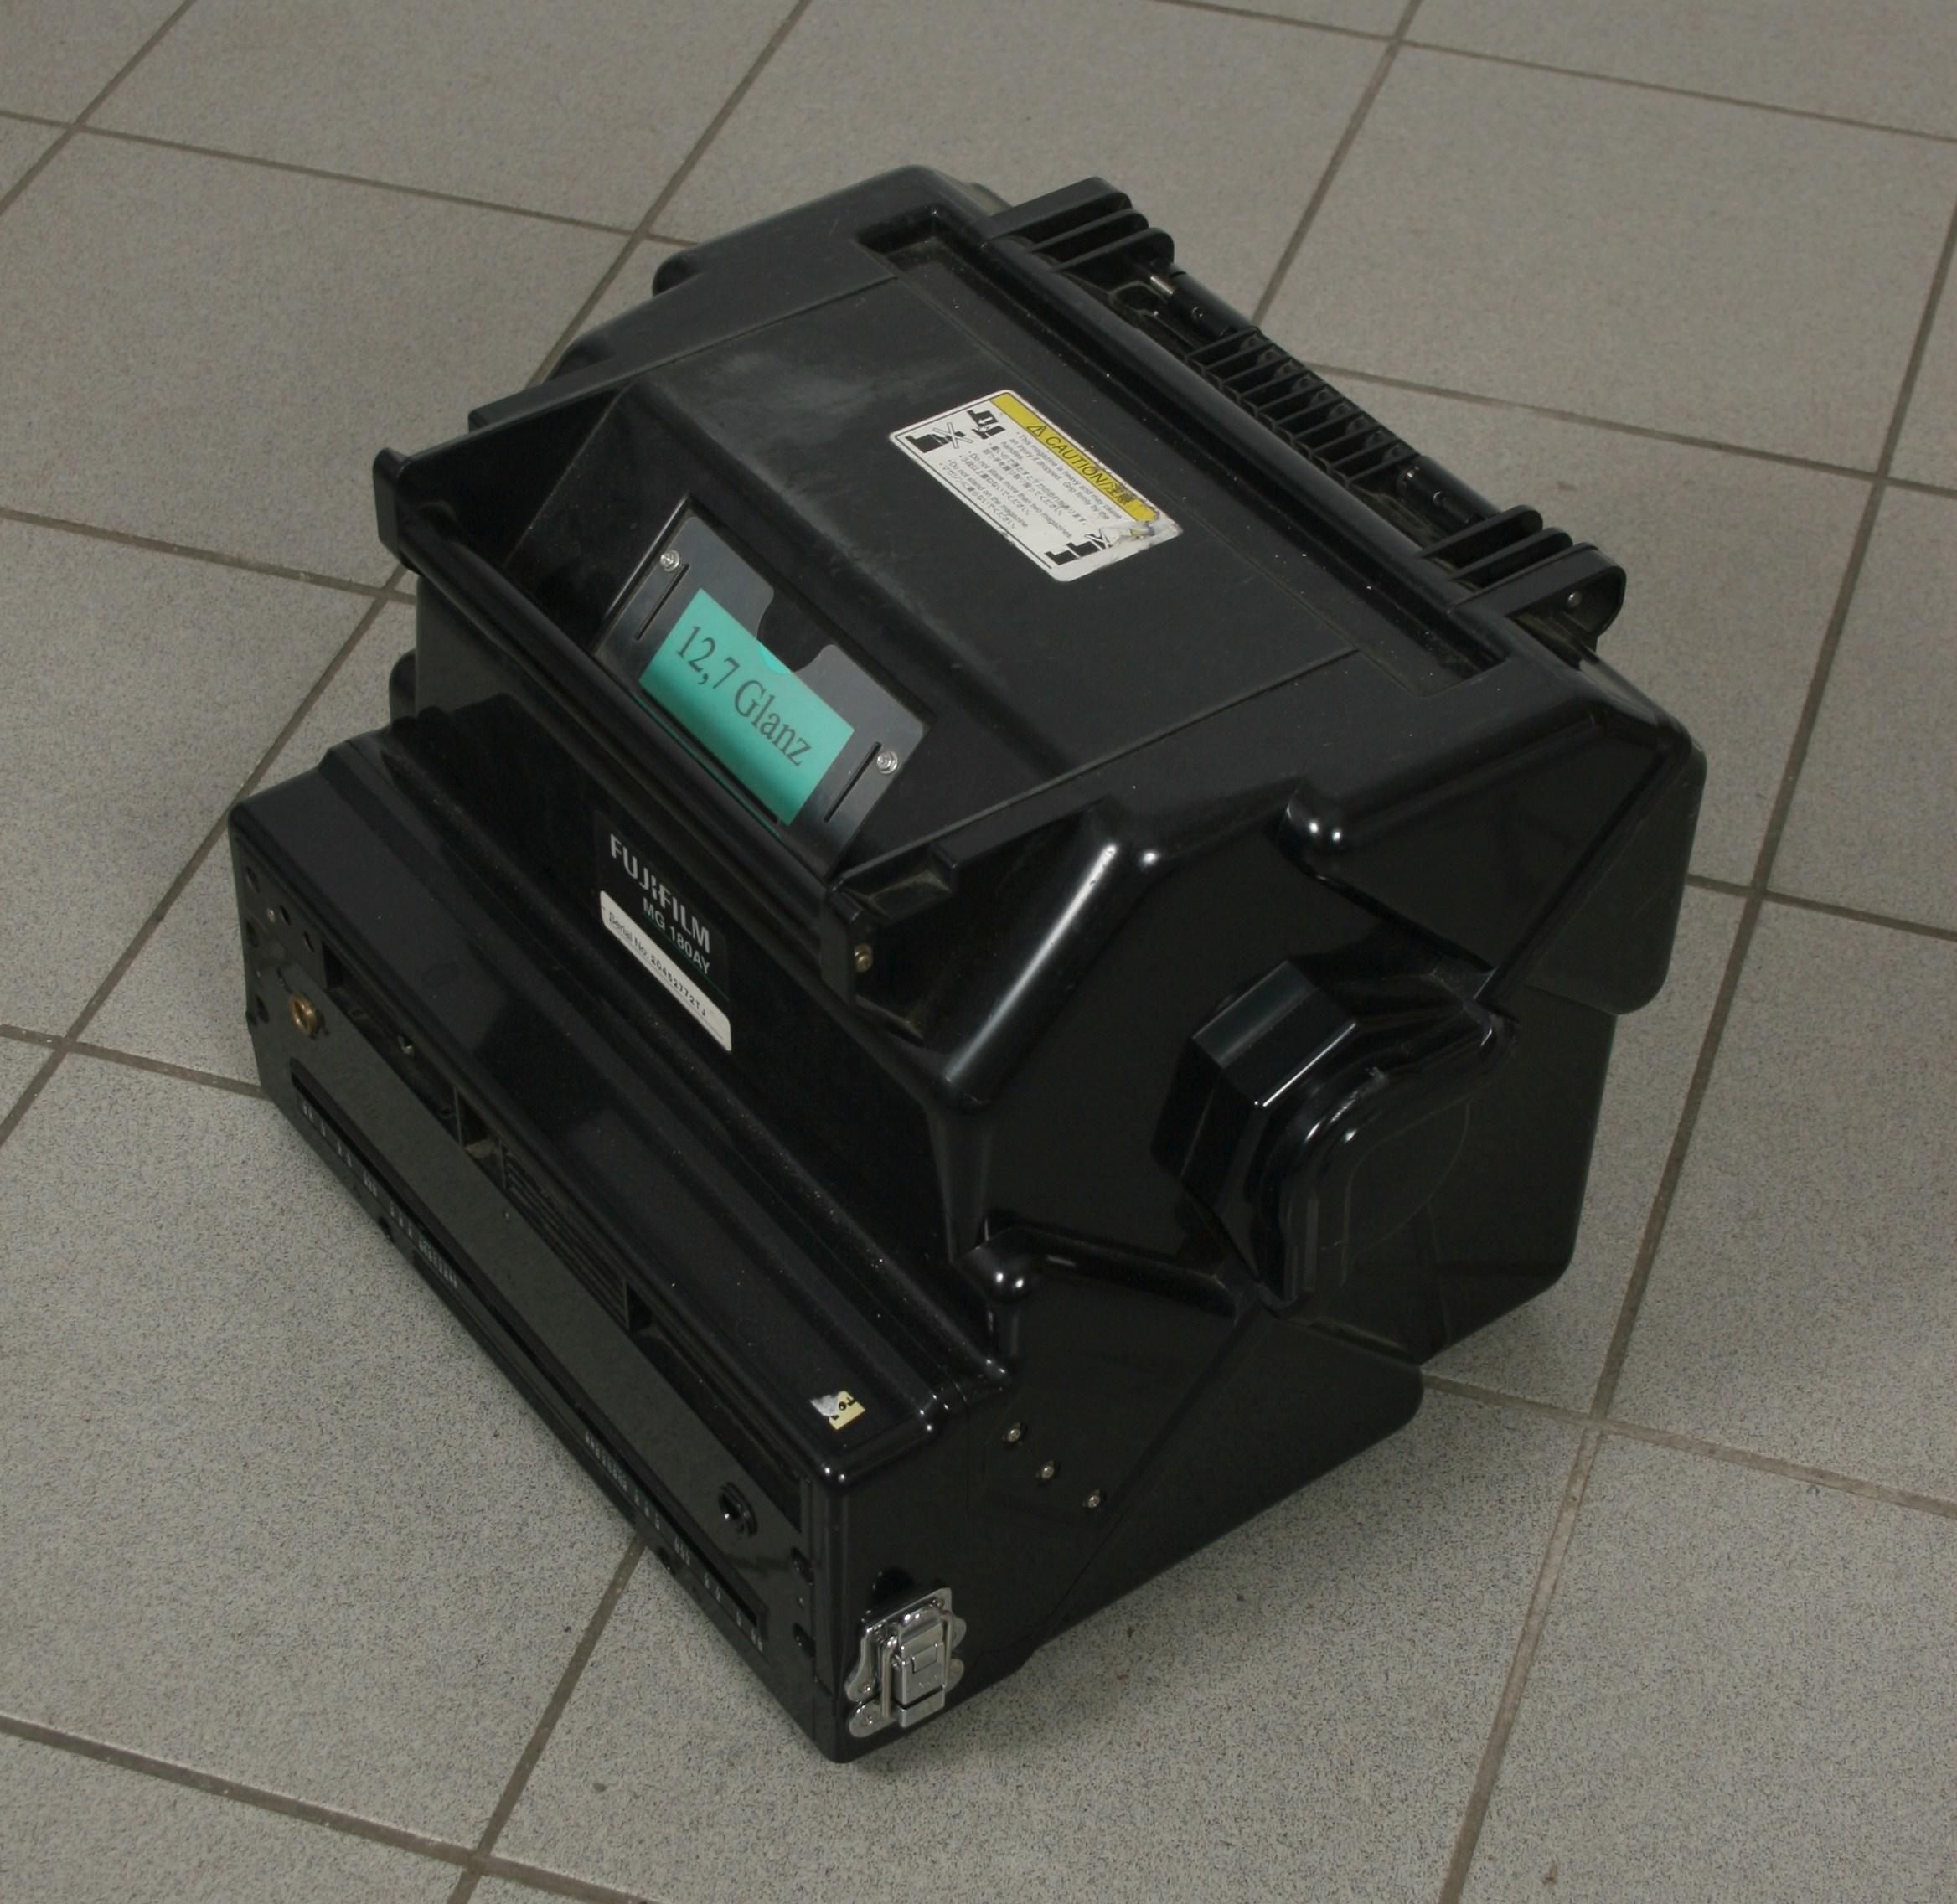 Die geheimnisvollen schwarzen Kisten